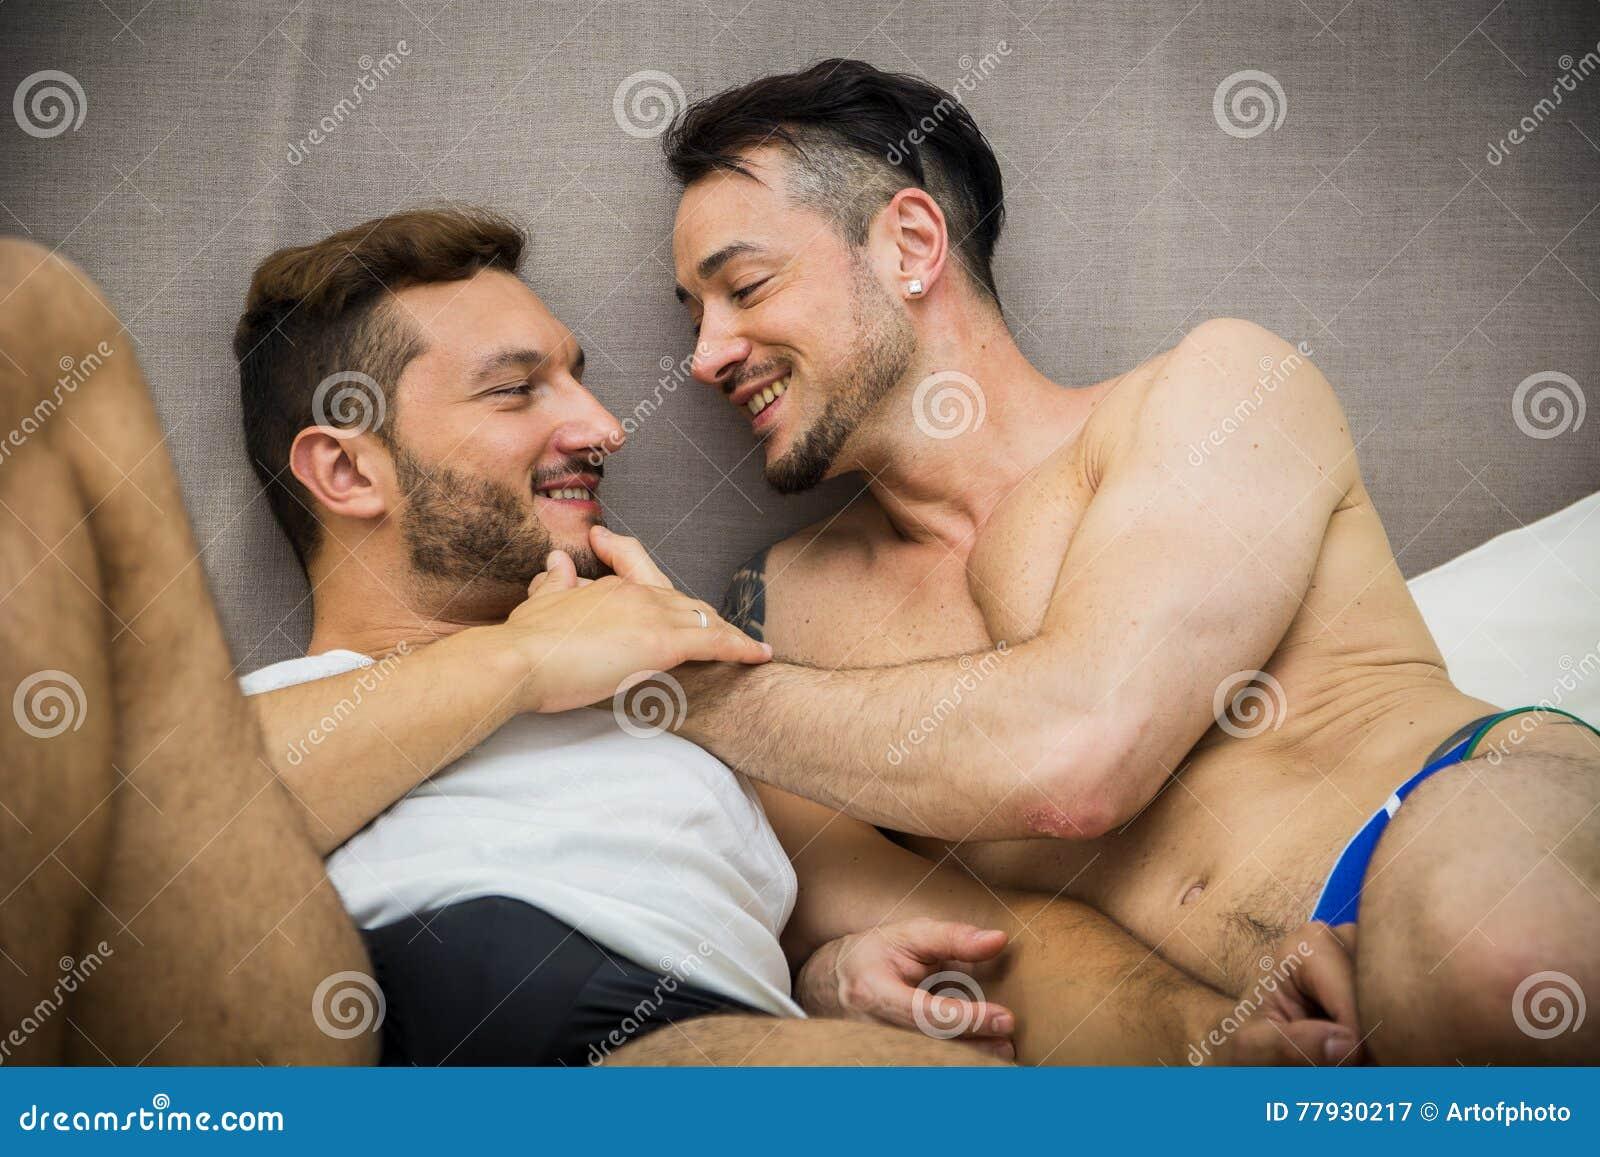 Gay A Letto.Coppie Gay A Letto Immagine Stock Immagine Di Dell Sognare